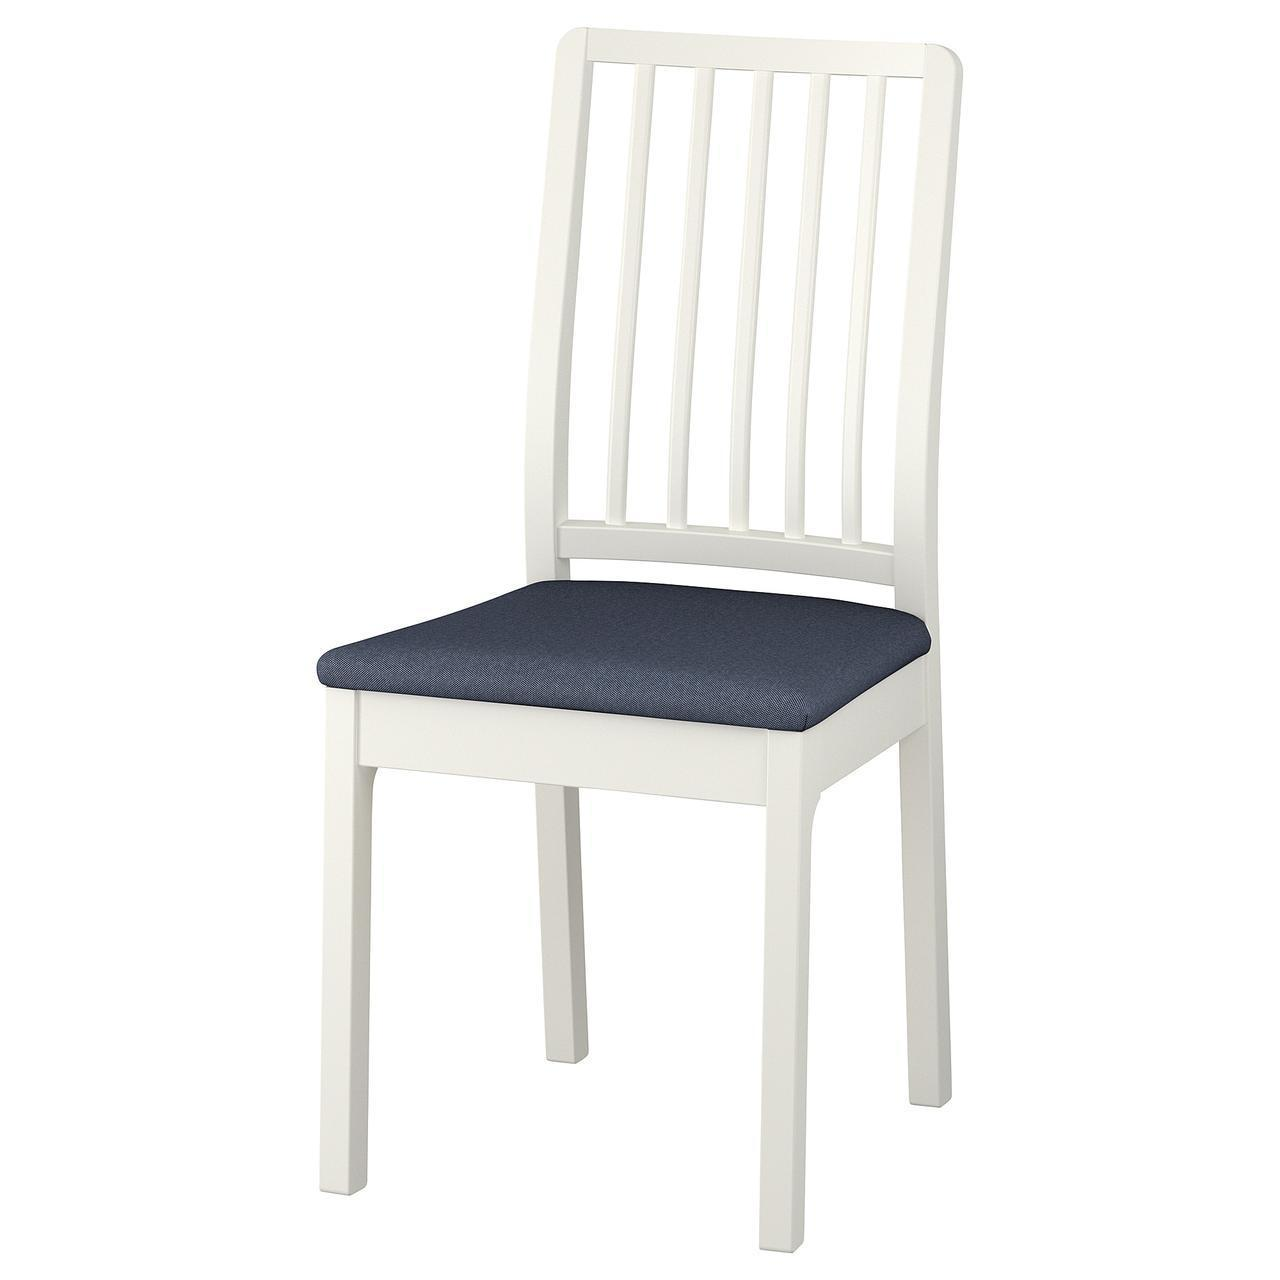 Кресло кухонное IKEA EKEDALEN Orrsta белое темно-синее 892.652.47